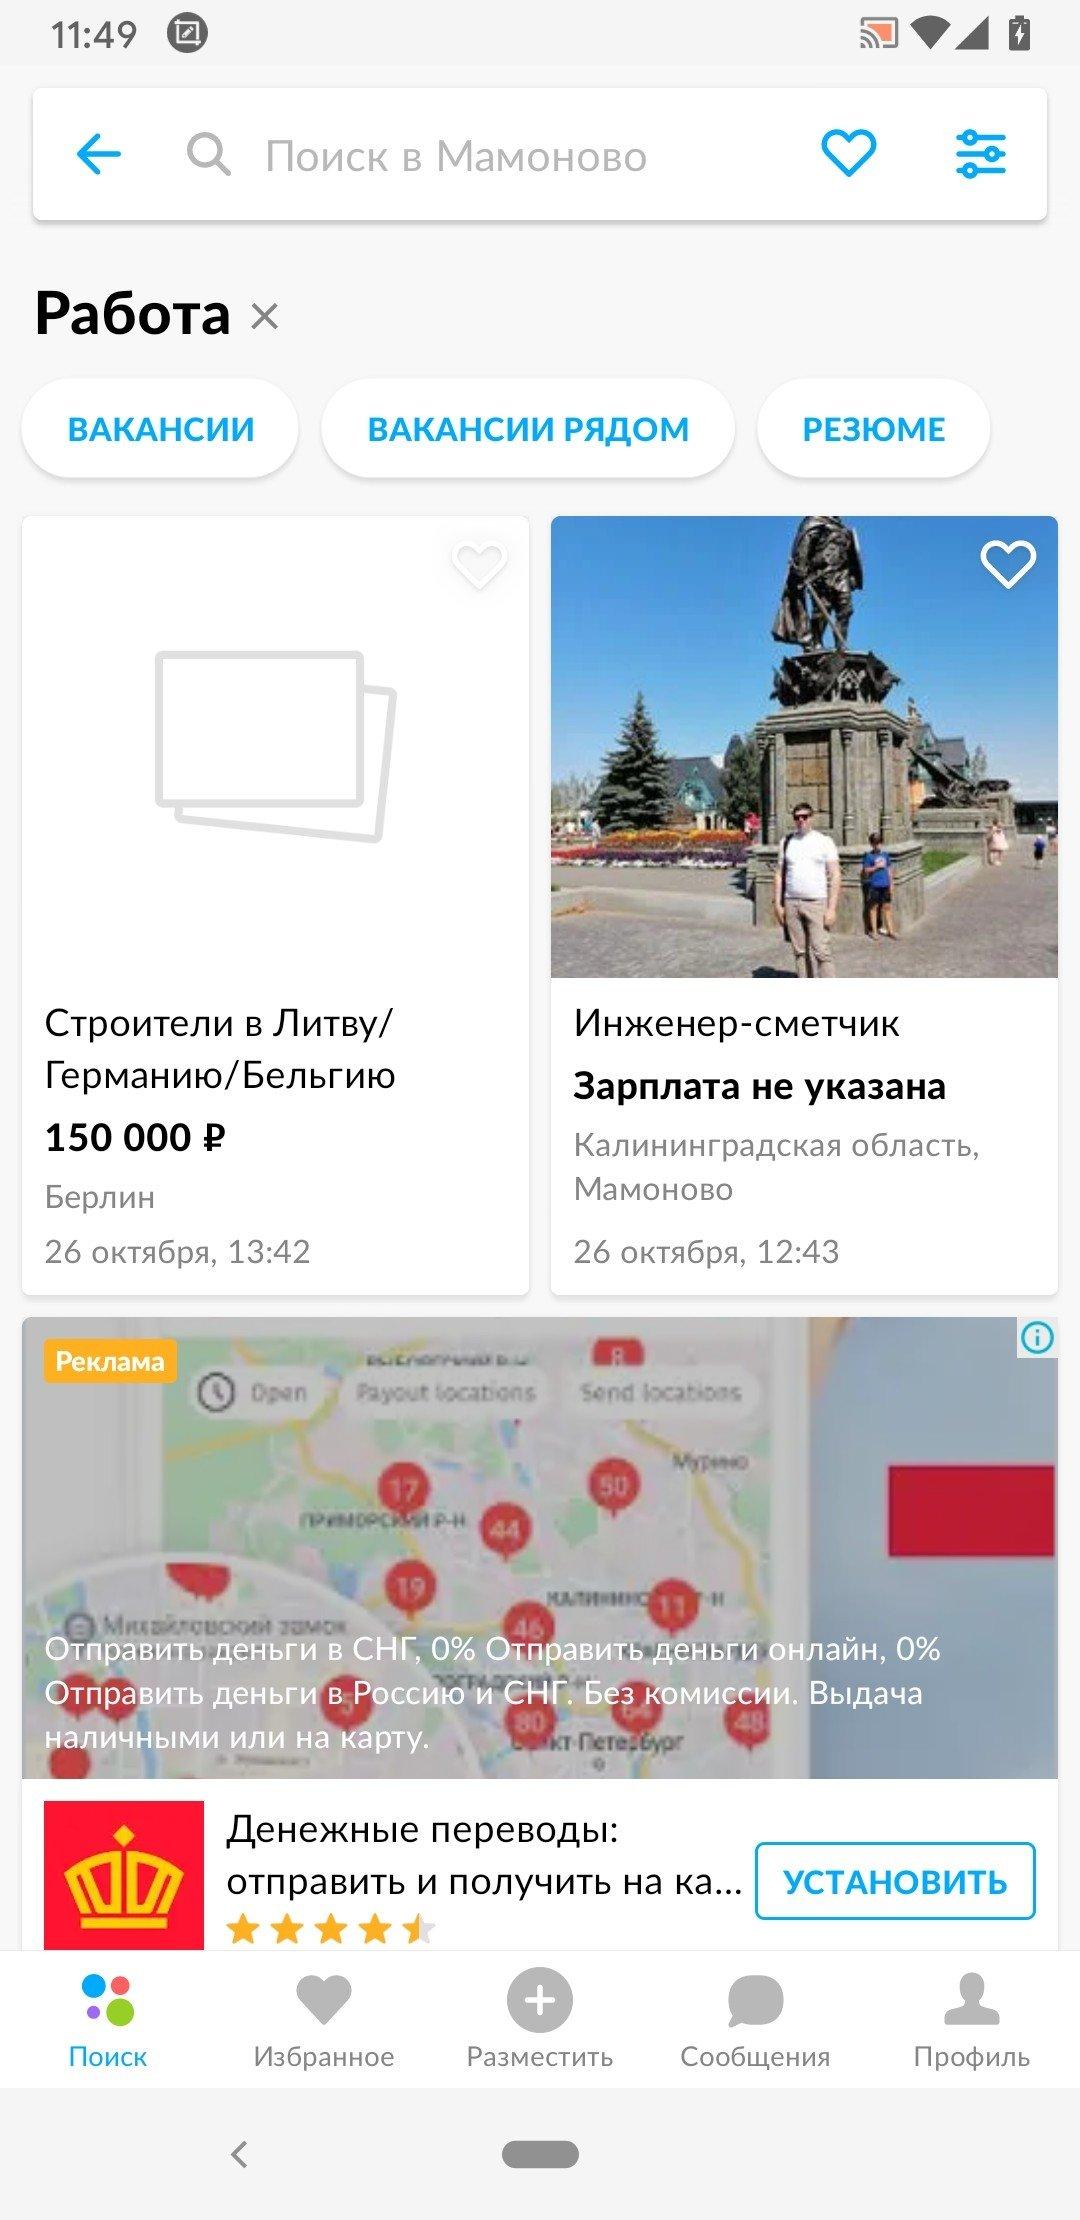 Скачать приложение авито андроид скачать программу для серверов